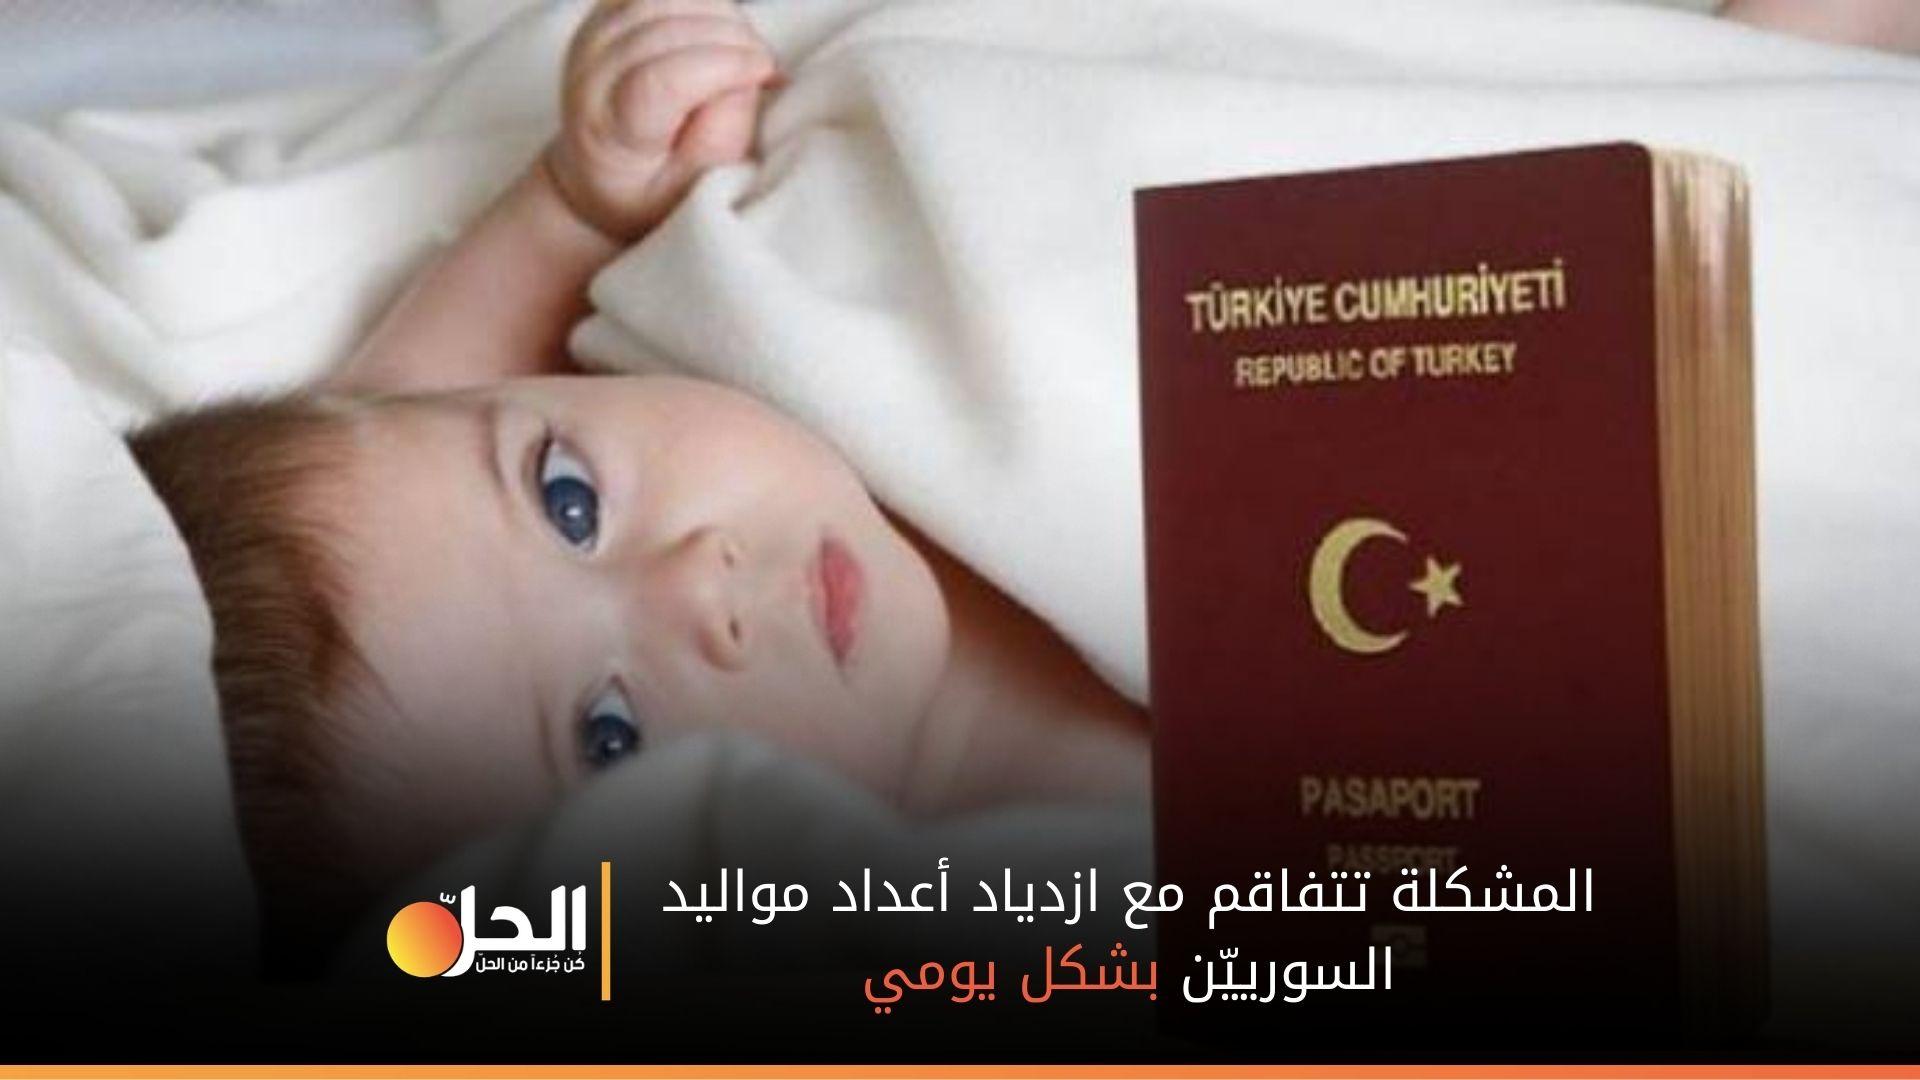 أزمة تتفاقم.. مواليد اللاجئين السورييّن في تركيا غير مُسجلة بسوريا